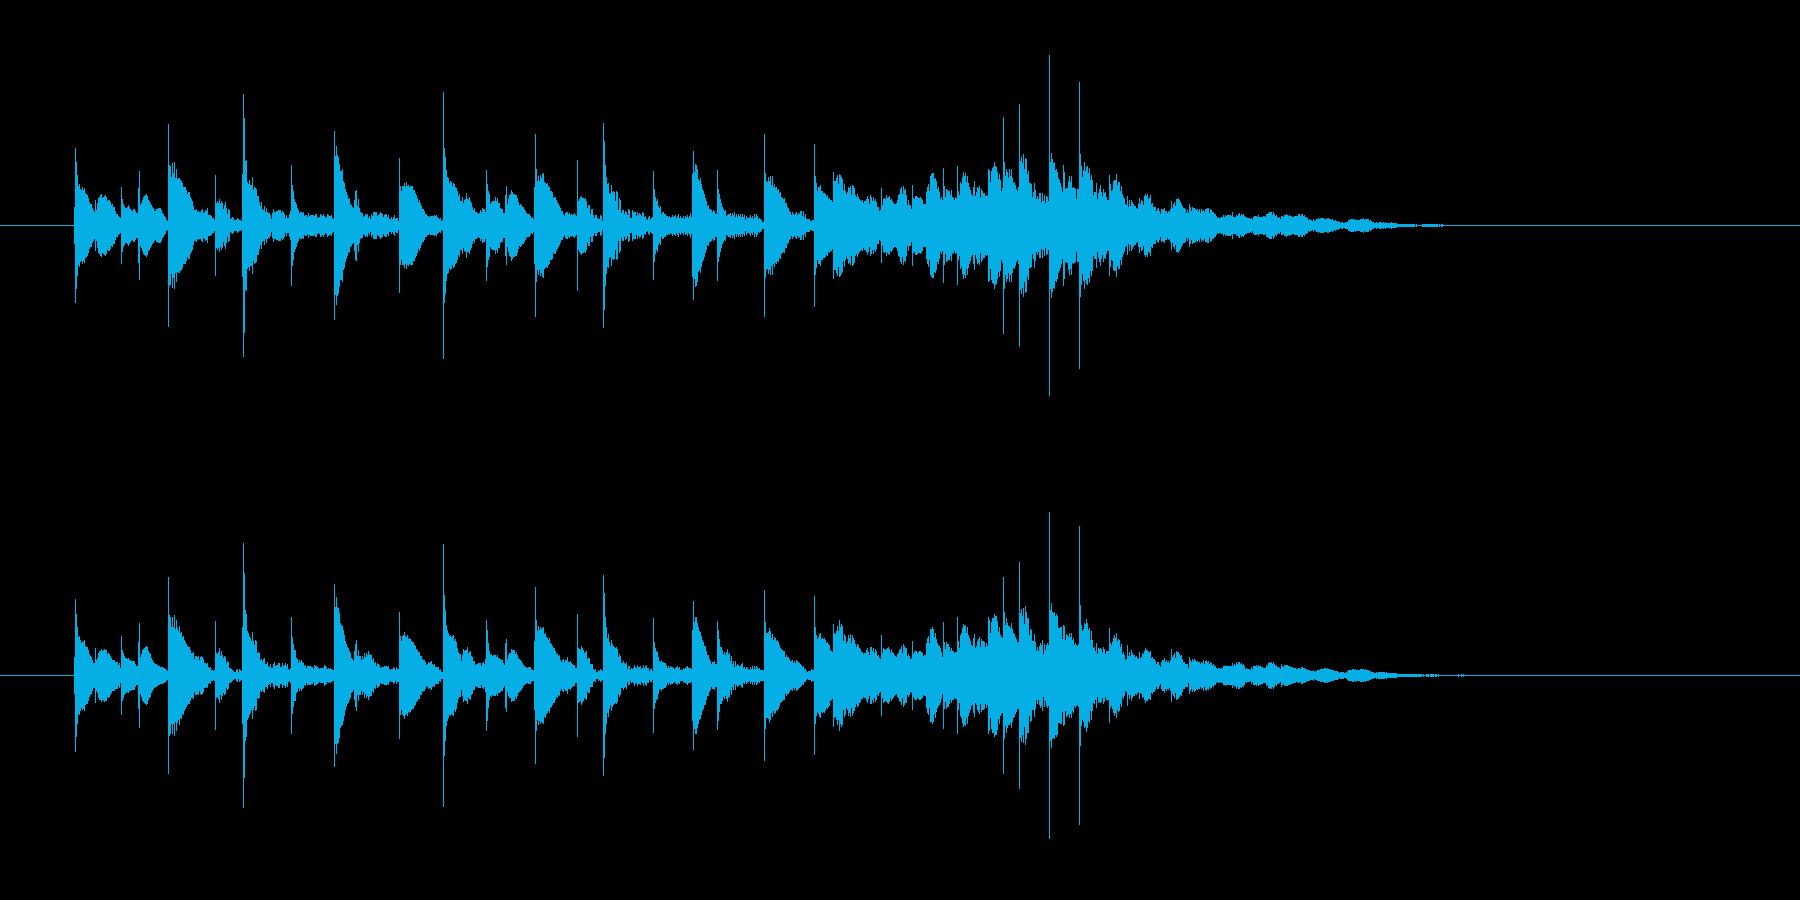 軽やか打楽器音(南国、トロピカル)の再生済みの波形